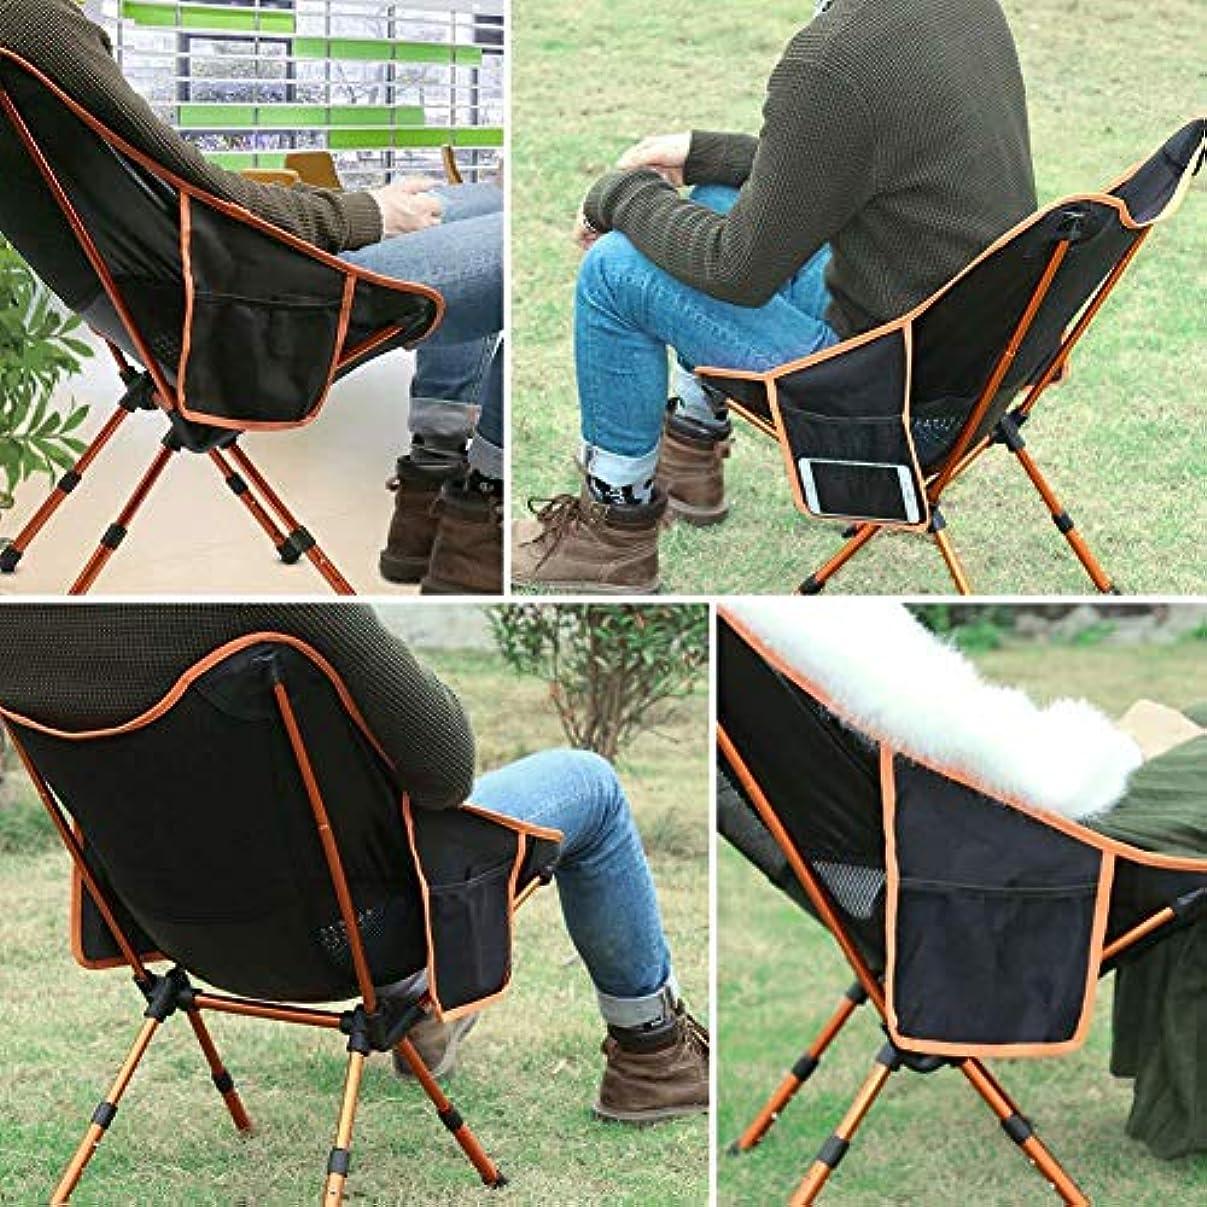 ソロ画面バージンアウトドアチェア キャンプ椅子 折りたたみ 超軽量【耐荷重150kg】コンパクト イス 収納袋付